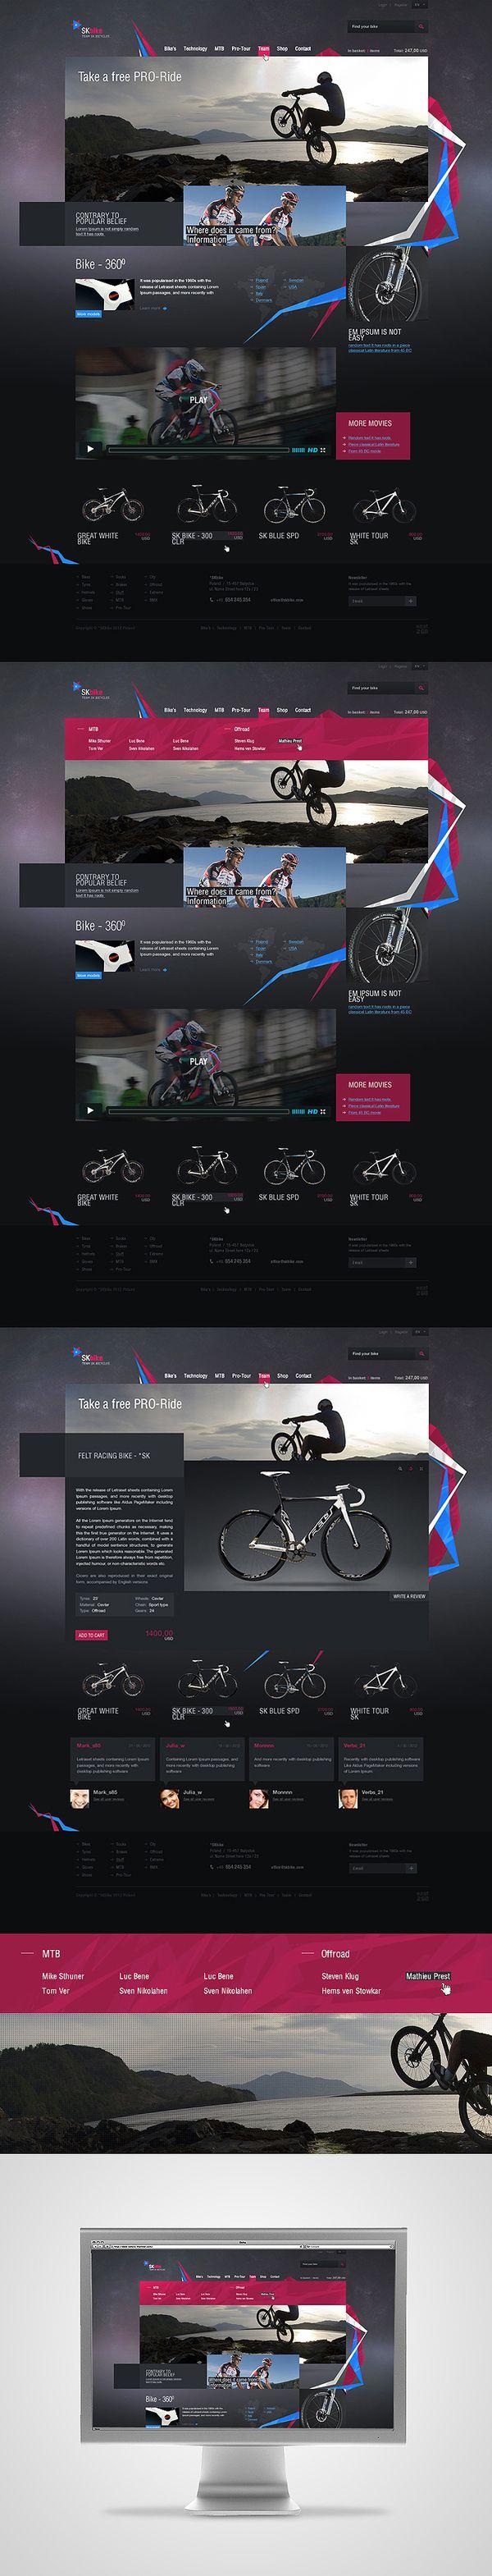 *SKbike on Web Design Served